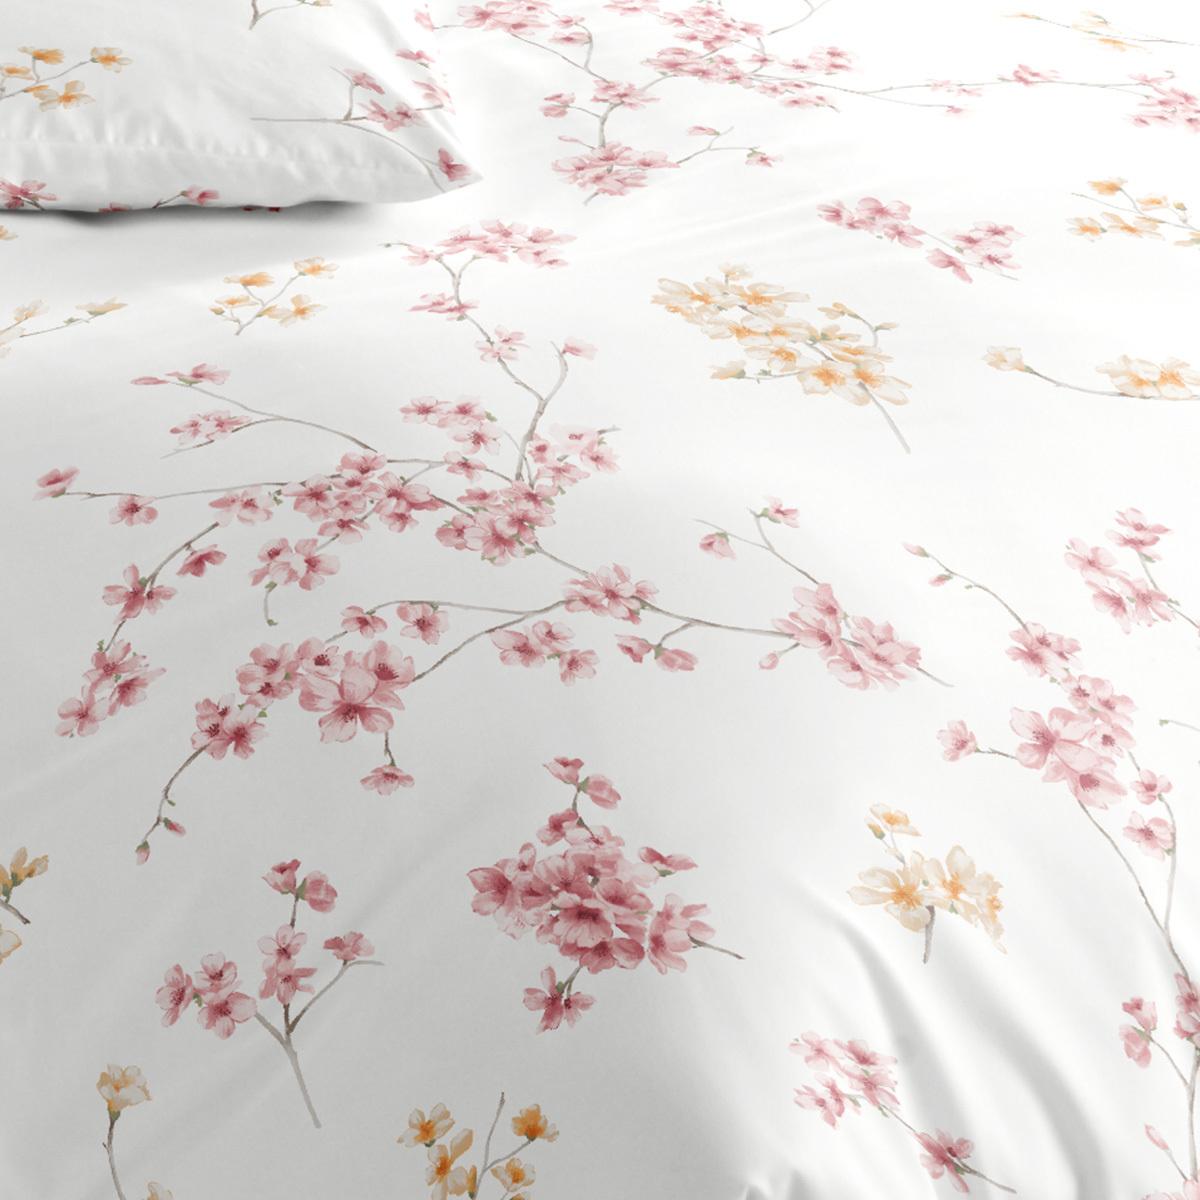 irisette jersey bettw sche luna 8682 60 g nstig online kaufen bei bettwaren shop. Black Bedroom Furniture Sets. Home Design Ideas